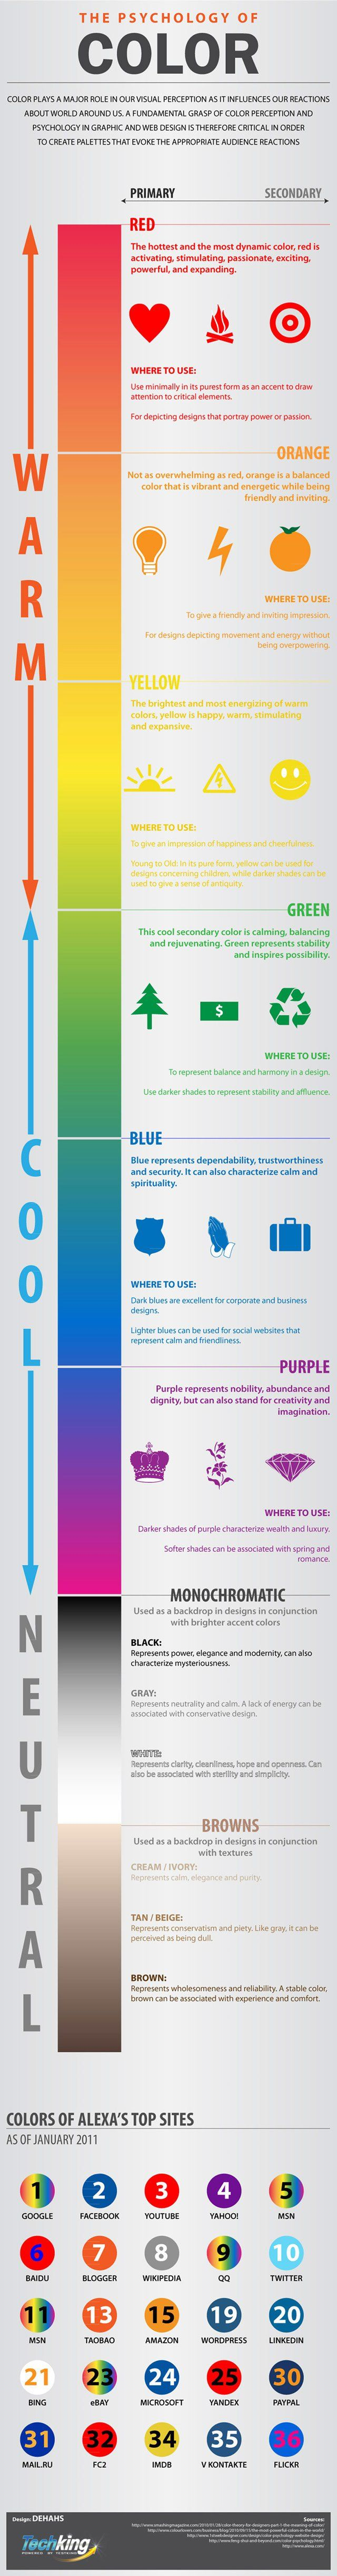 Cenni di Psicologia dei Colori Applicata al Web Design (Infografica)